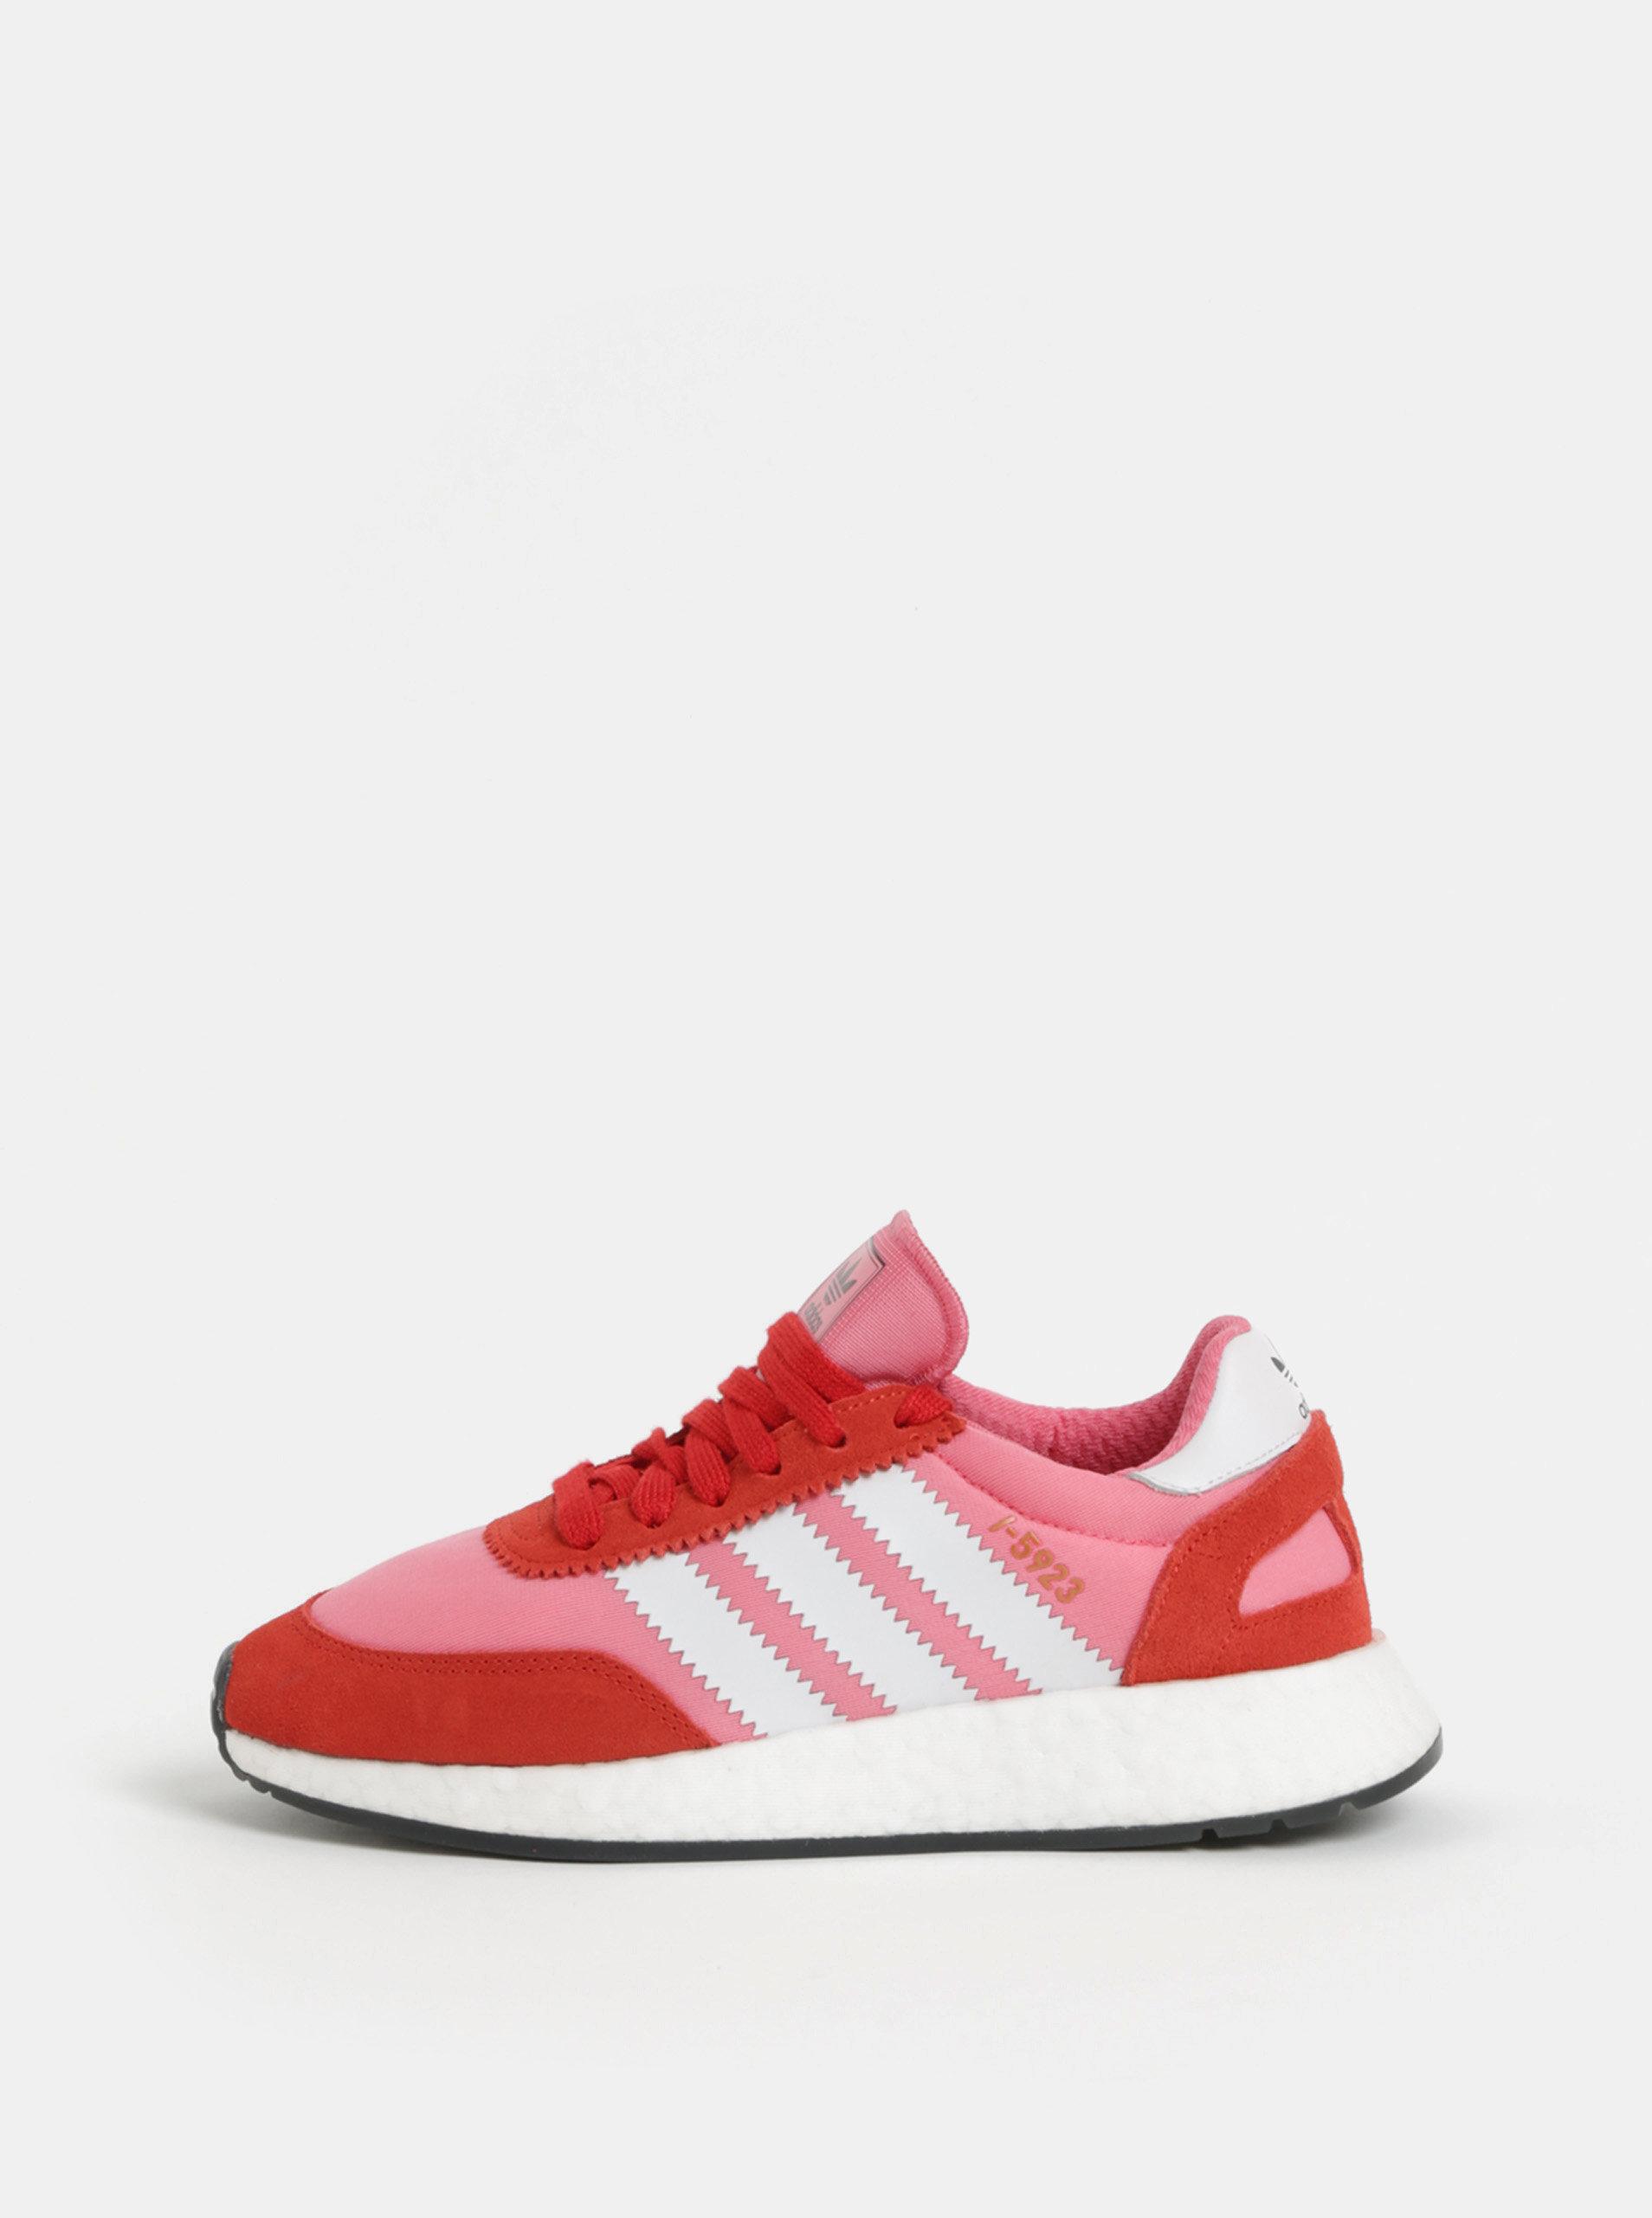 059bd11d16cba Červeno-ružové dámske tenisky so semišovými detailmi adidas Originals Iniki  Runner ...